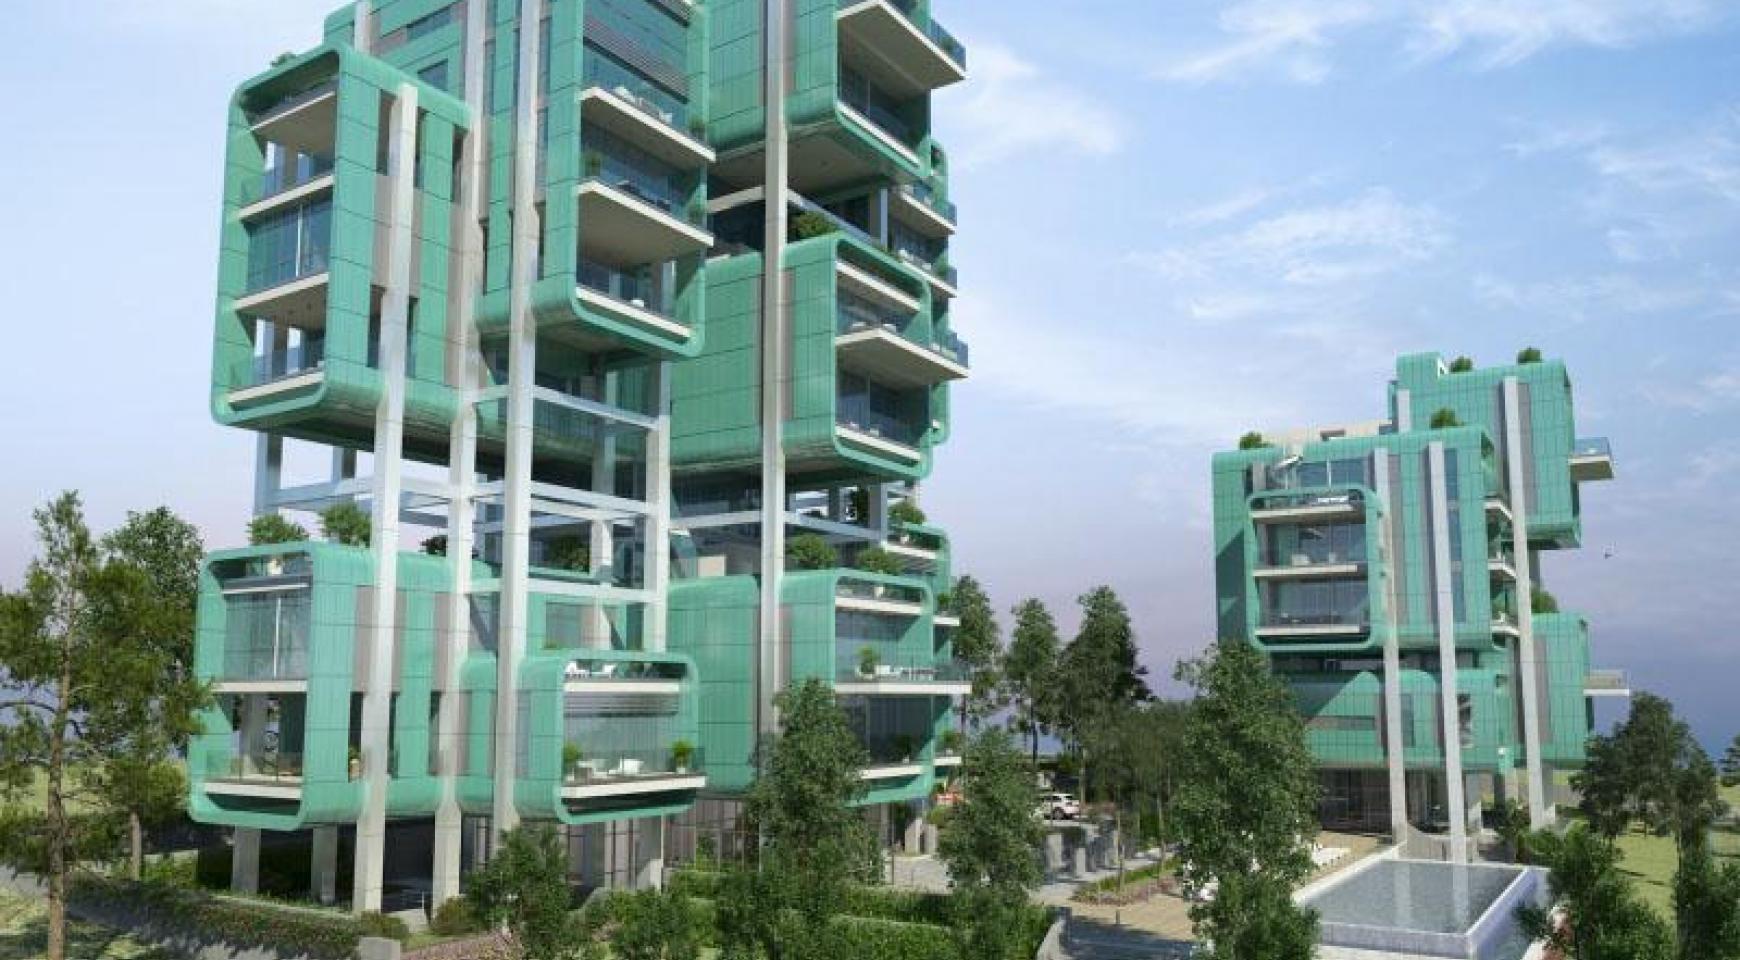 Πολυτελές διαμέρισμα 2 υπνοδωματίων με ταράτσα στο νεόδμητο συγκρότημα - 27